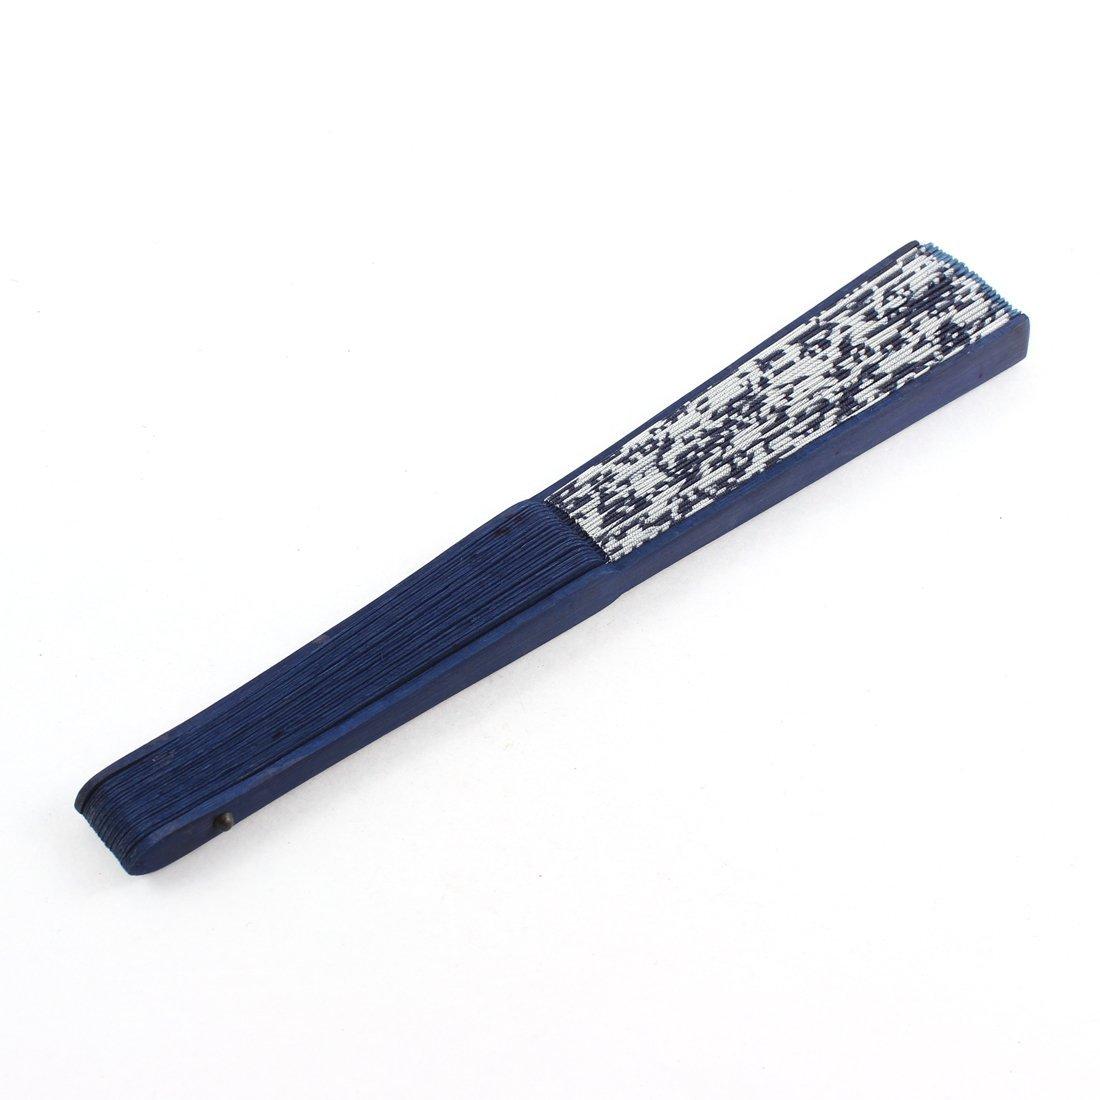 Amazon.com: eDealMax El bambú Chino Manija plegable de Tela patrón de la Flor de la Mano del ventilador Azul Marino: Home & Kitchen